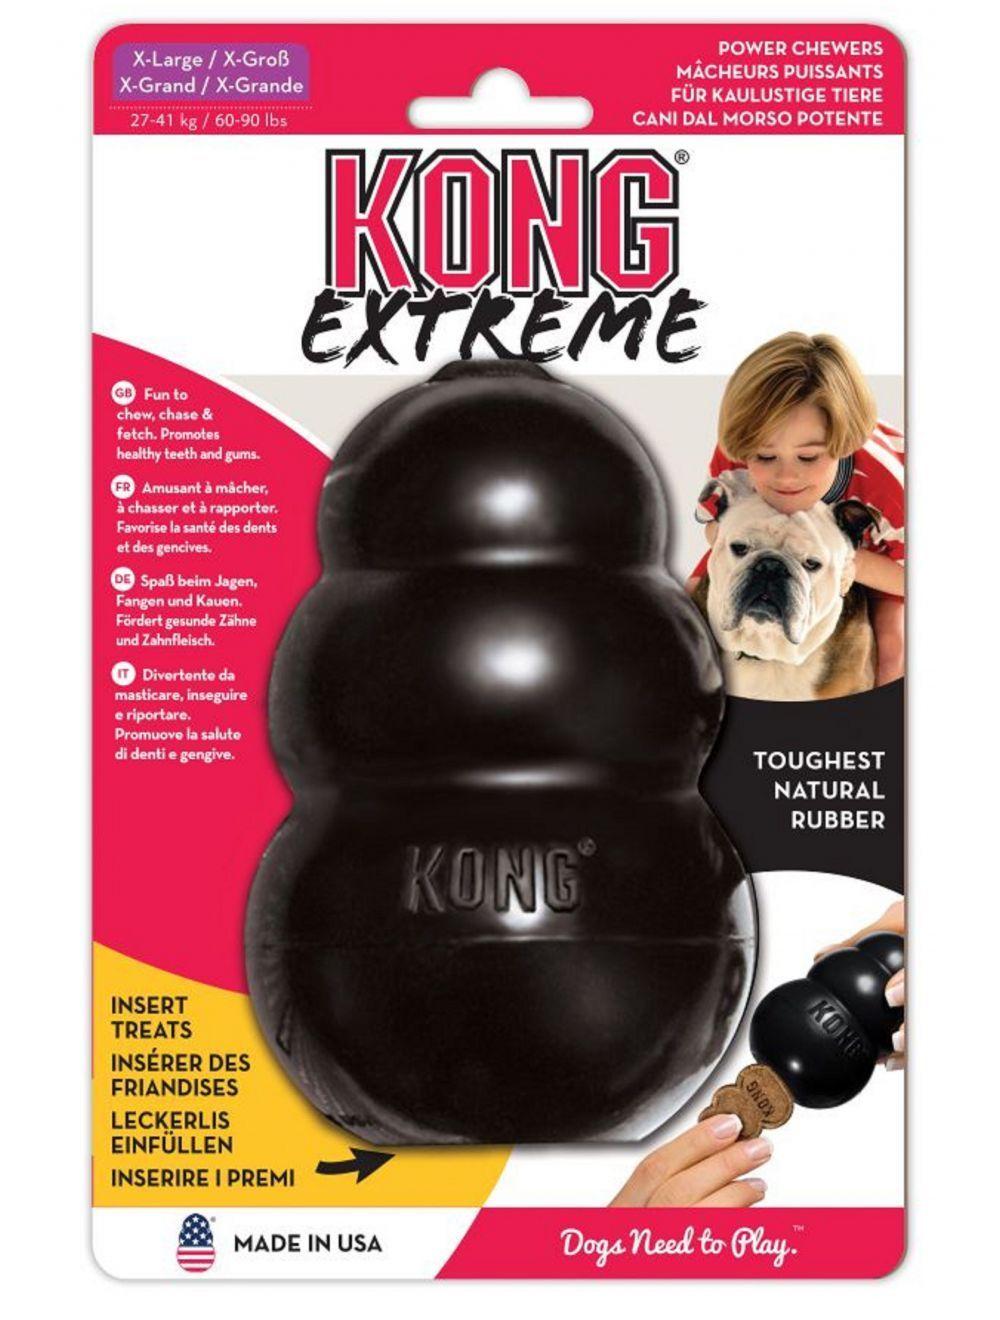 Jugete Kong caucho extreme portapasabocas - Ciudaddemascotas.com